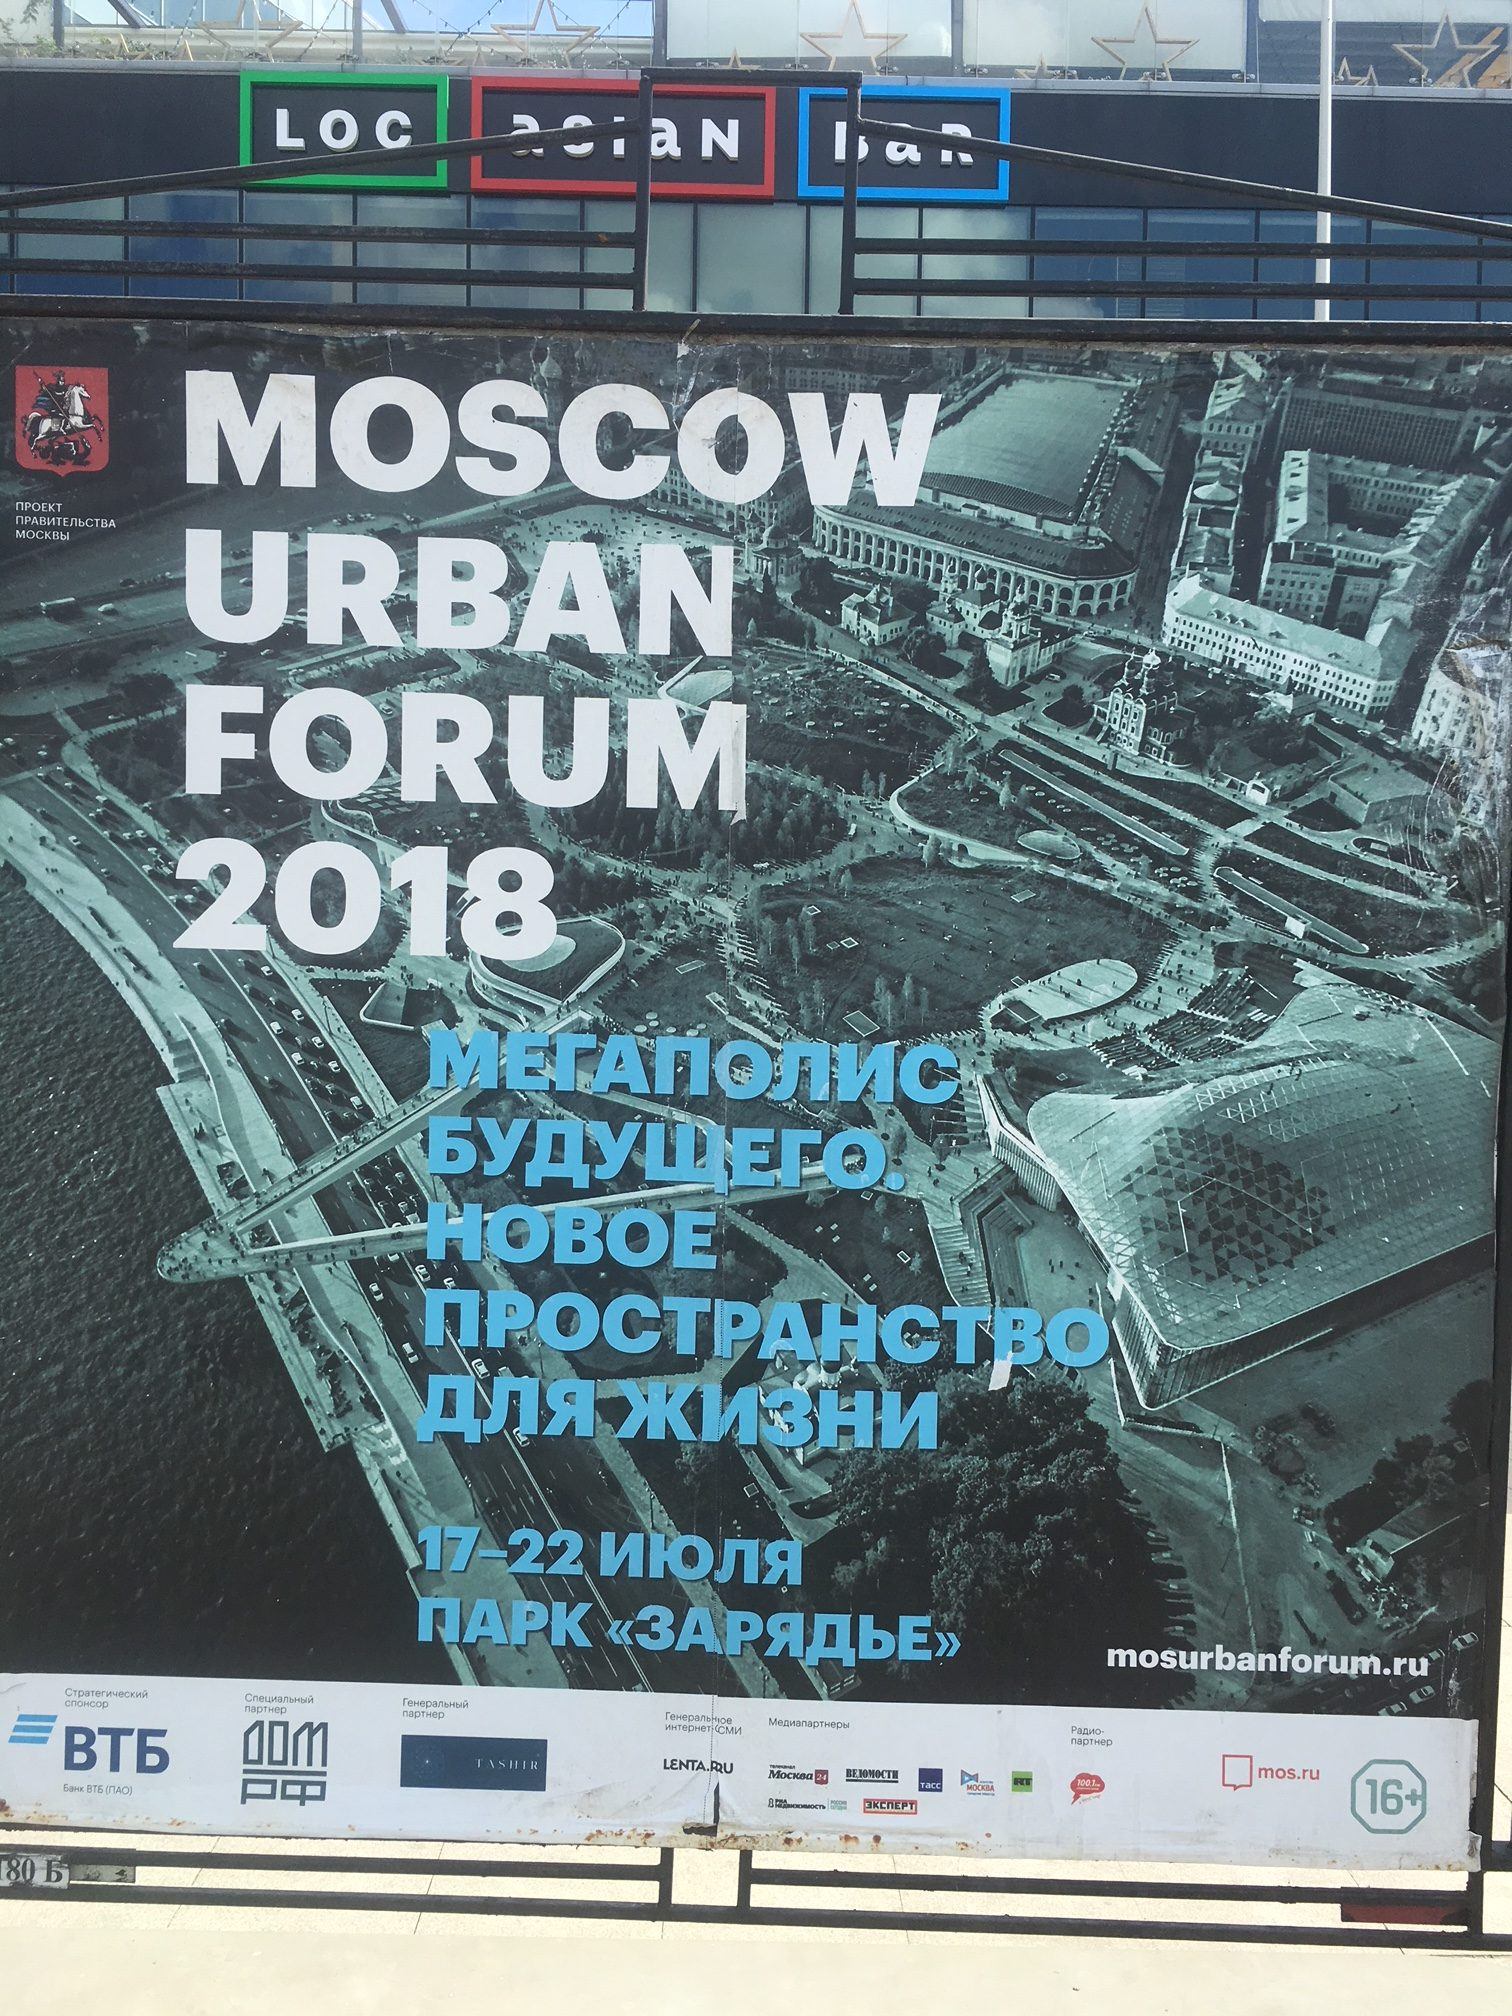 Affiche du mocow urban forum 2018